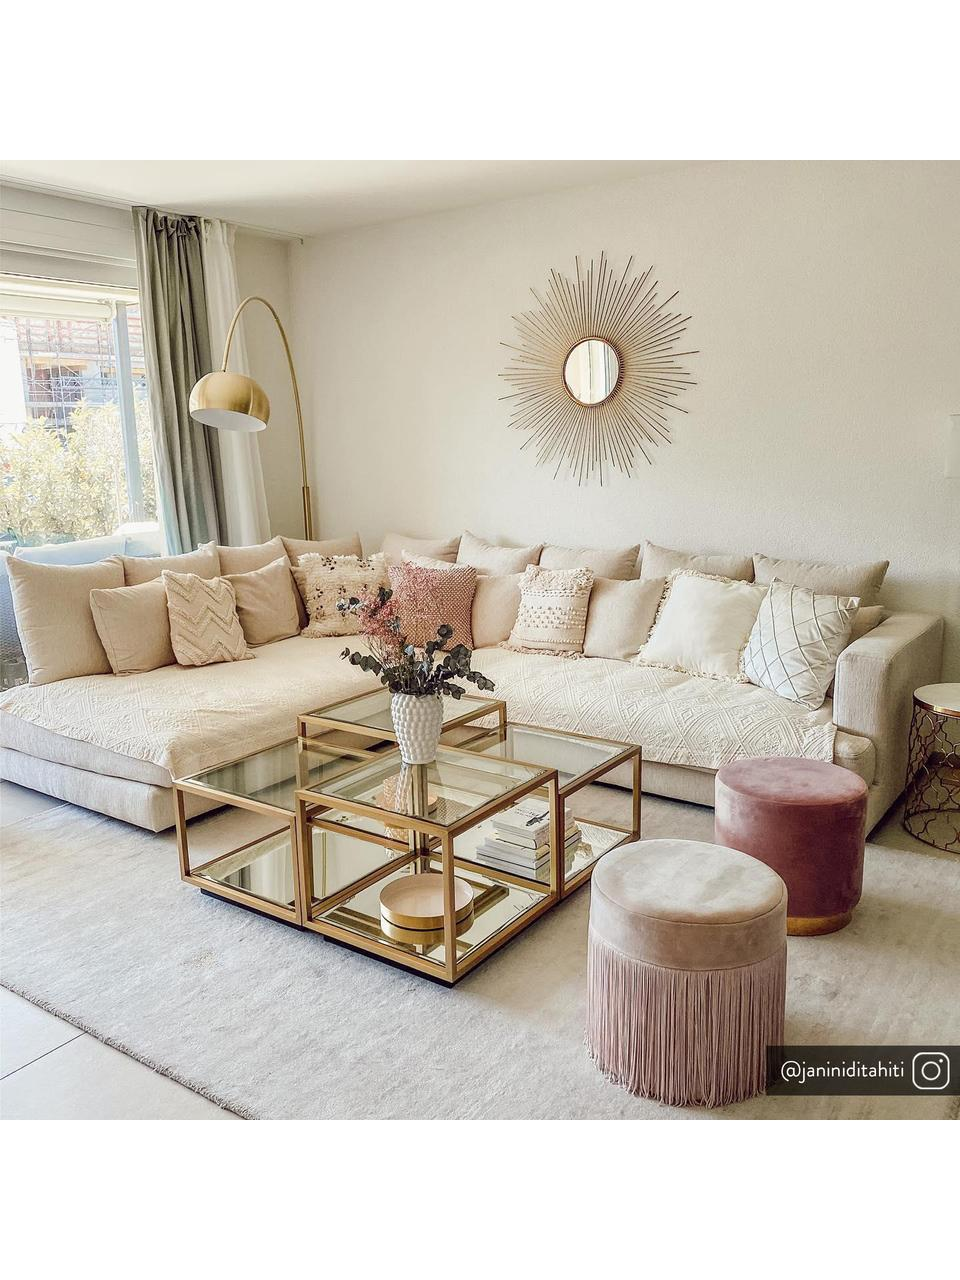 Poszewka na poduszkę z strukturalną powierzchnią Indi, 100% bawełna, Brudny różowy, S 45 x D 45 cm